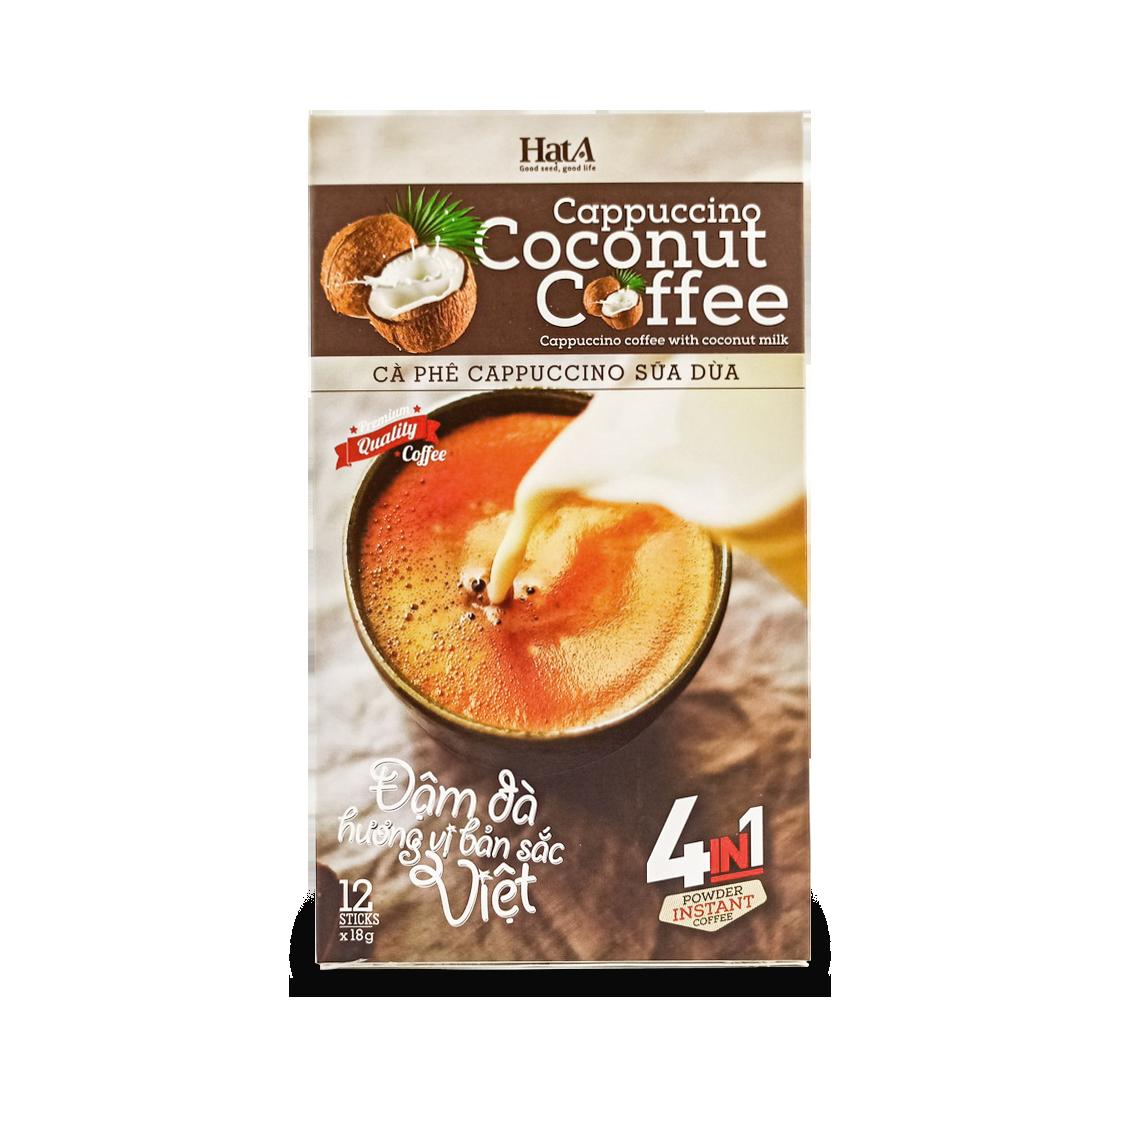 Cà Phê Hòa Tan Cappuccino Sữa Dừa 4 In 1 Hạt A Cafe Vị Cốt Dừa Tự Nhiên - 216g/ 12 Gói Khuyến Mãi Sốc